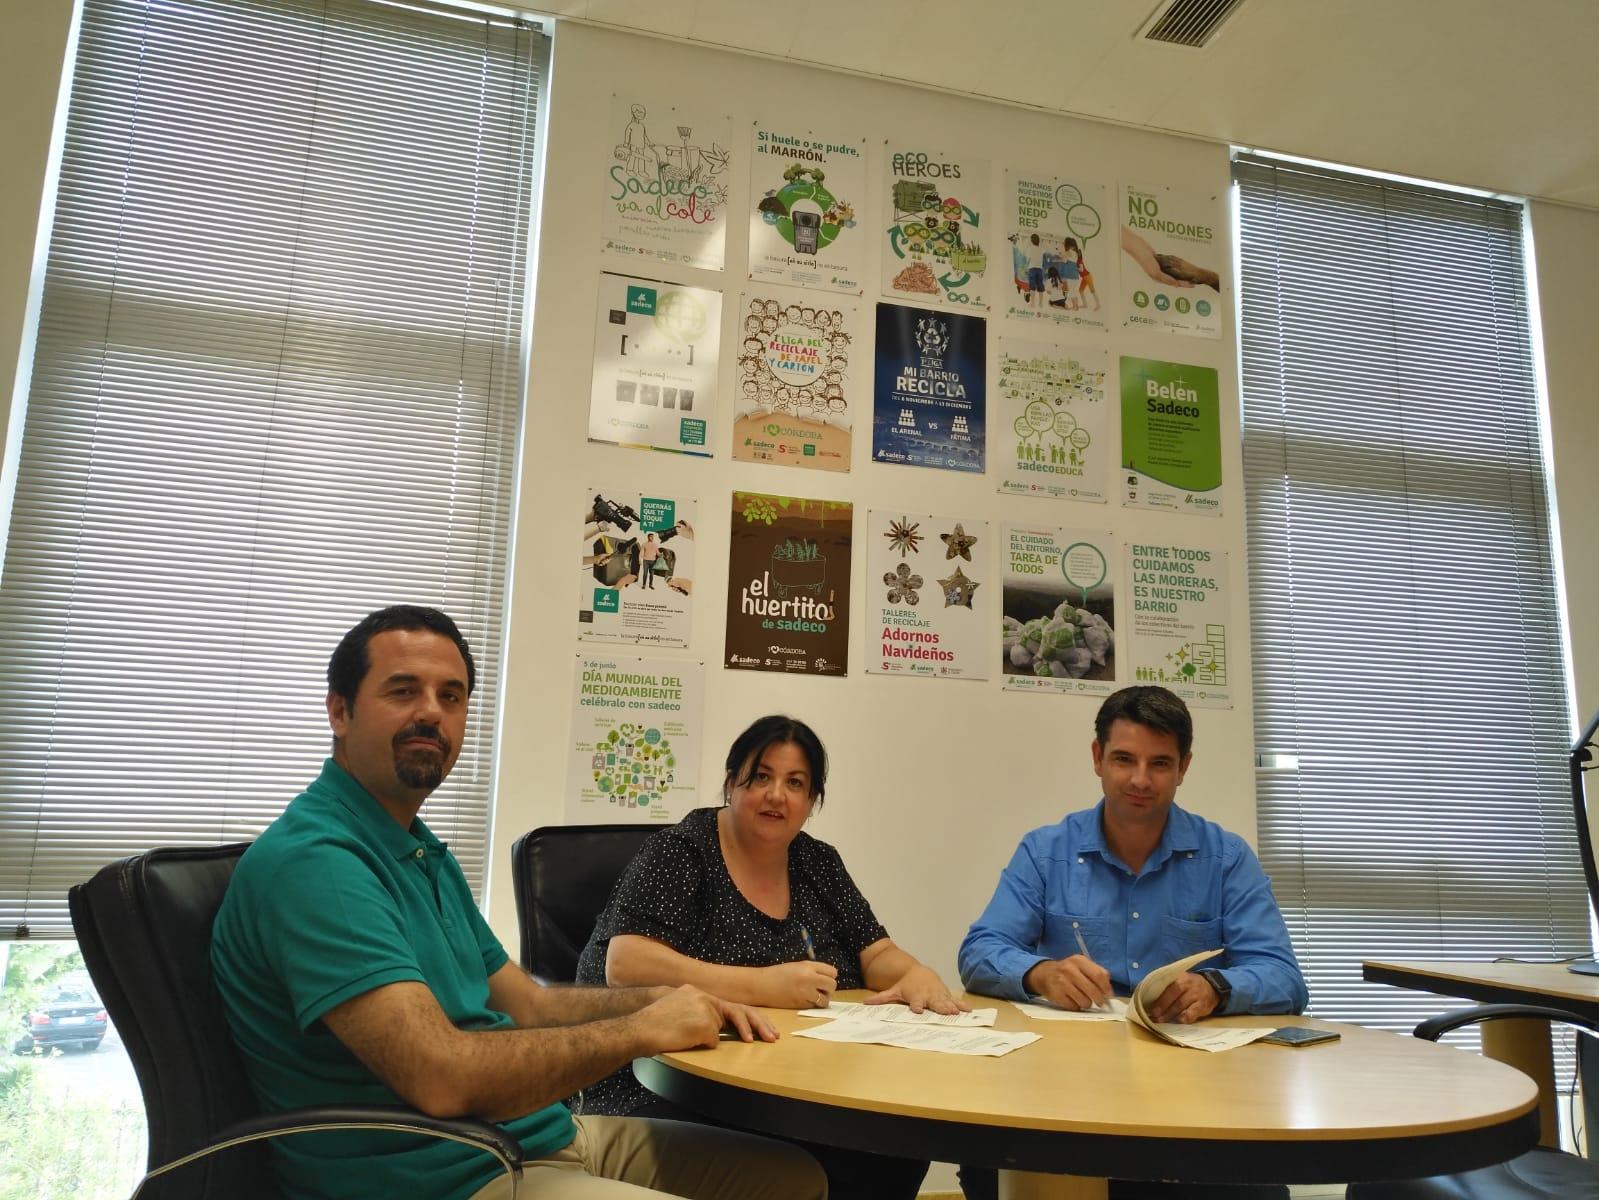 Sadeco proporcionará de manera gratuita las actuaciones sanitarias a los animales dados en adopción a asociaciones protectoras